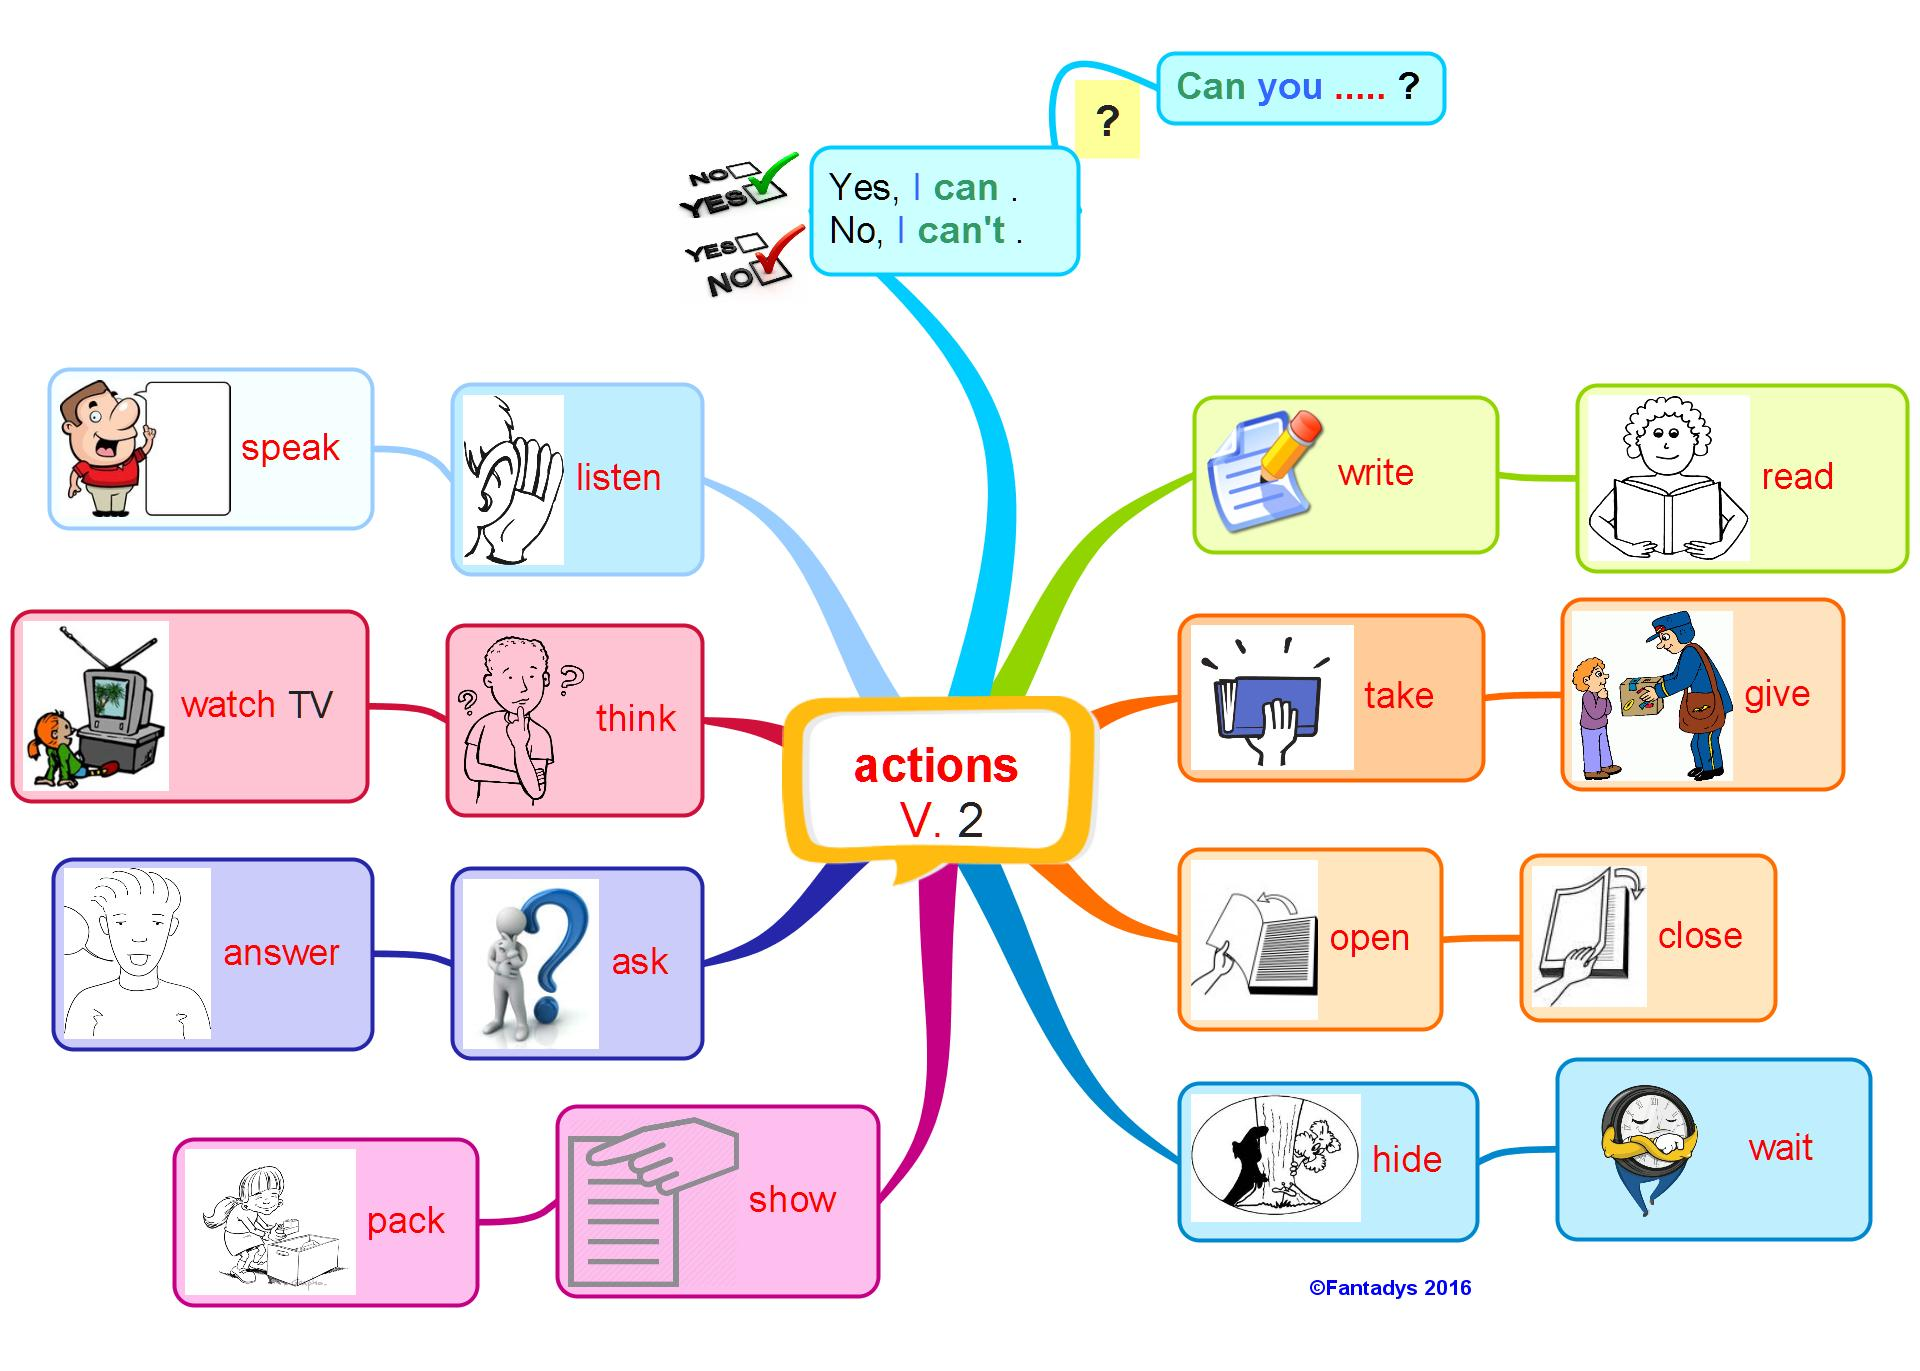 En Anglais Memoriser Des Verbes D Actions Questions Et Reponses Fantadys